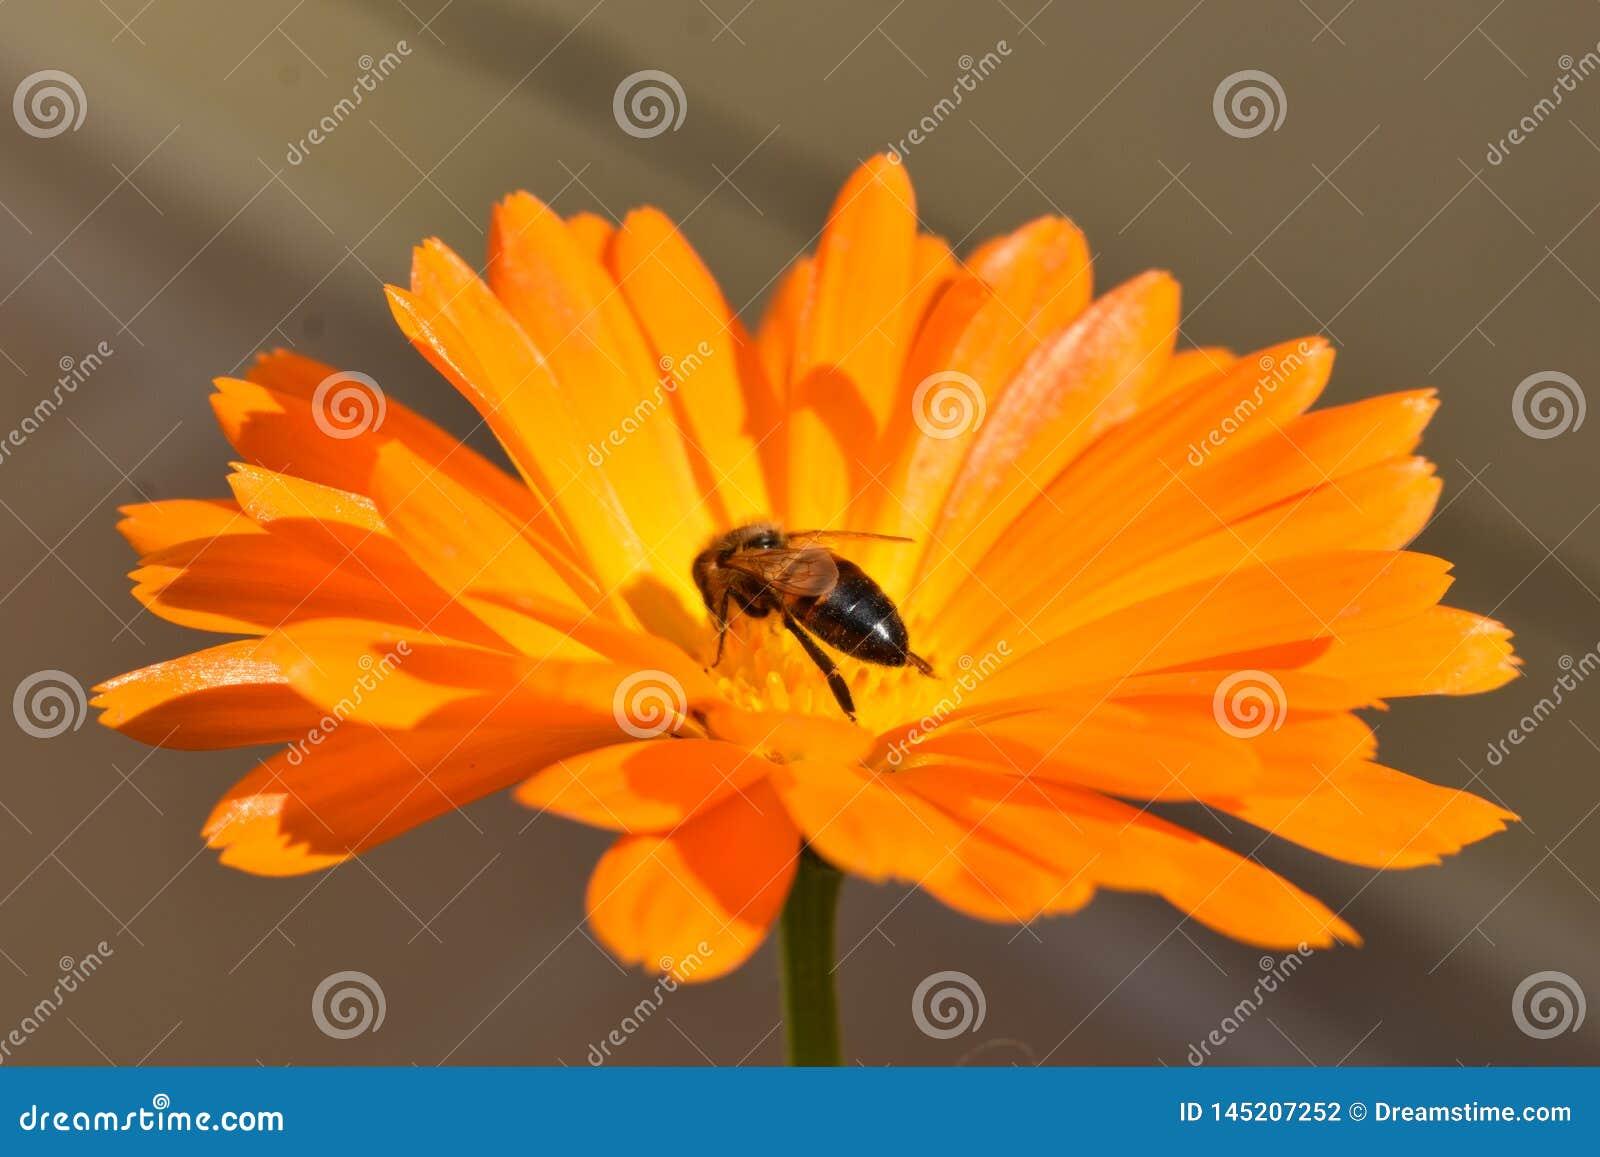 Μια μικρή μέλισσα σε ένα πορτοκαλί λουλούδι